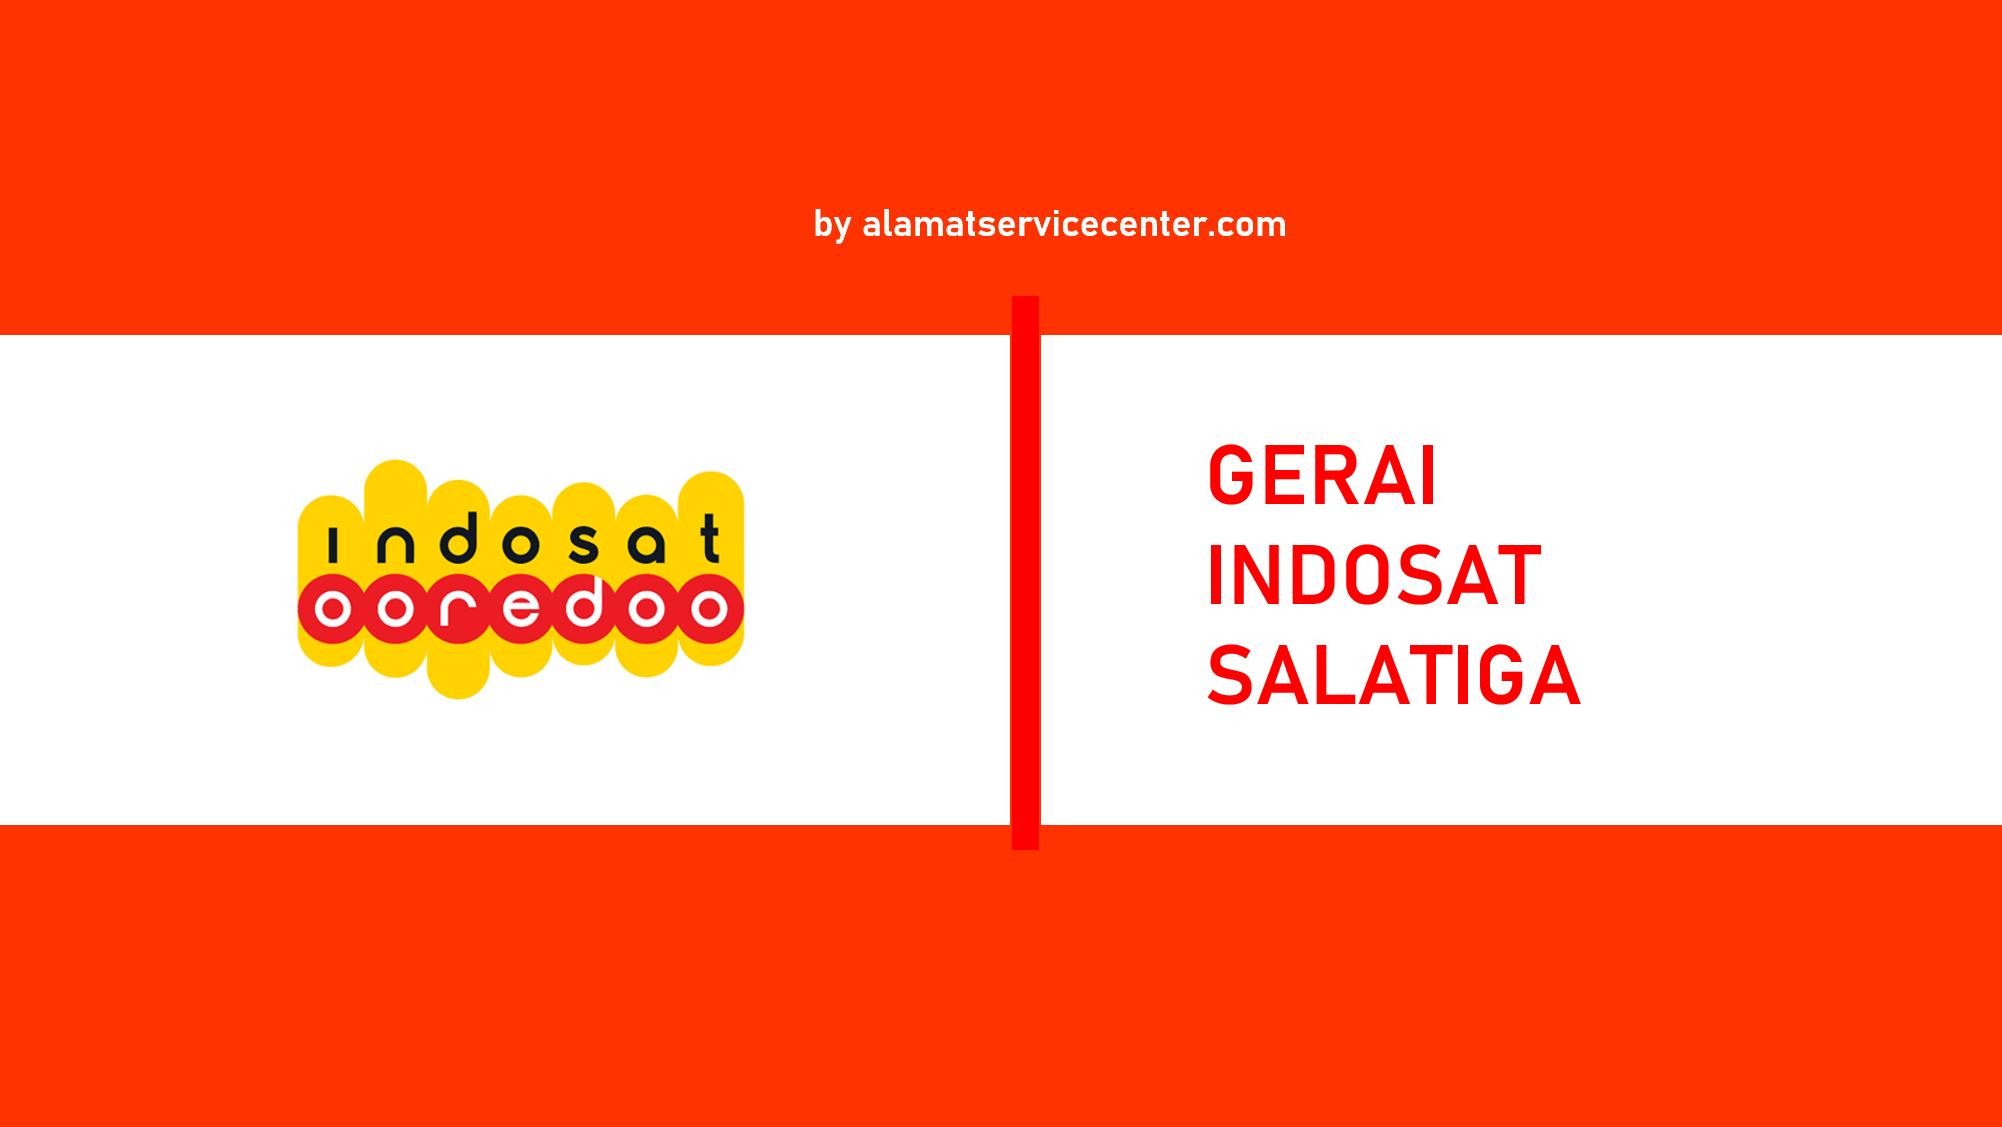 Gerai Indosat Salatiga